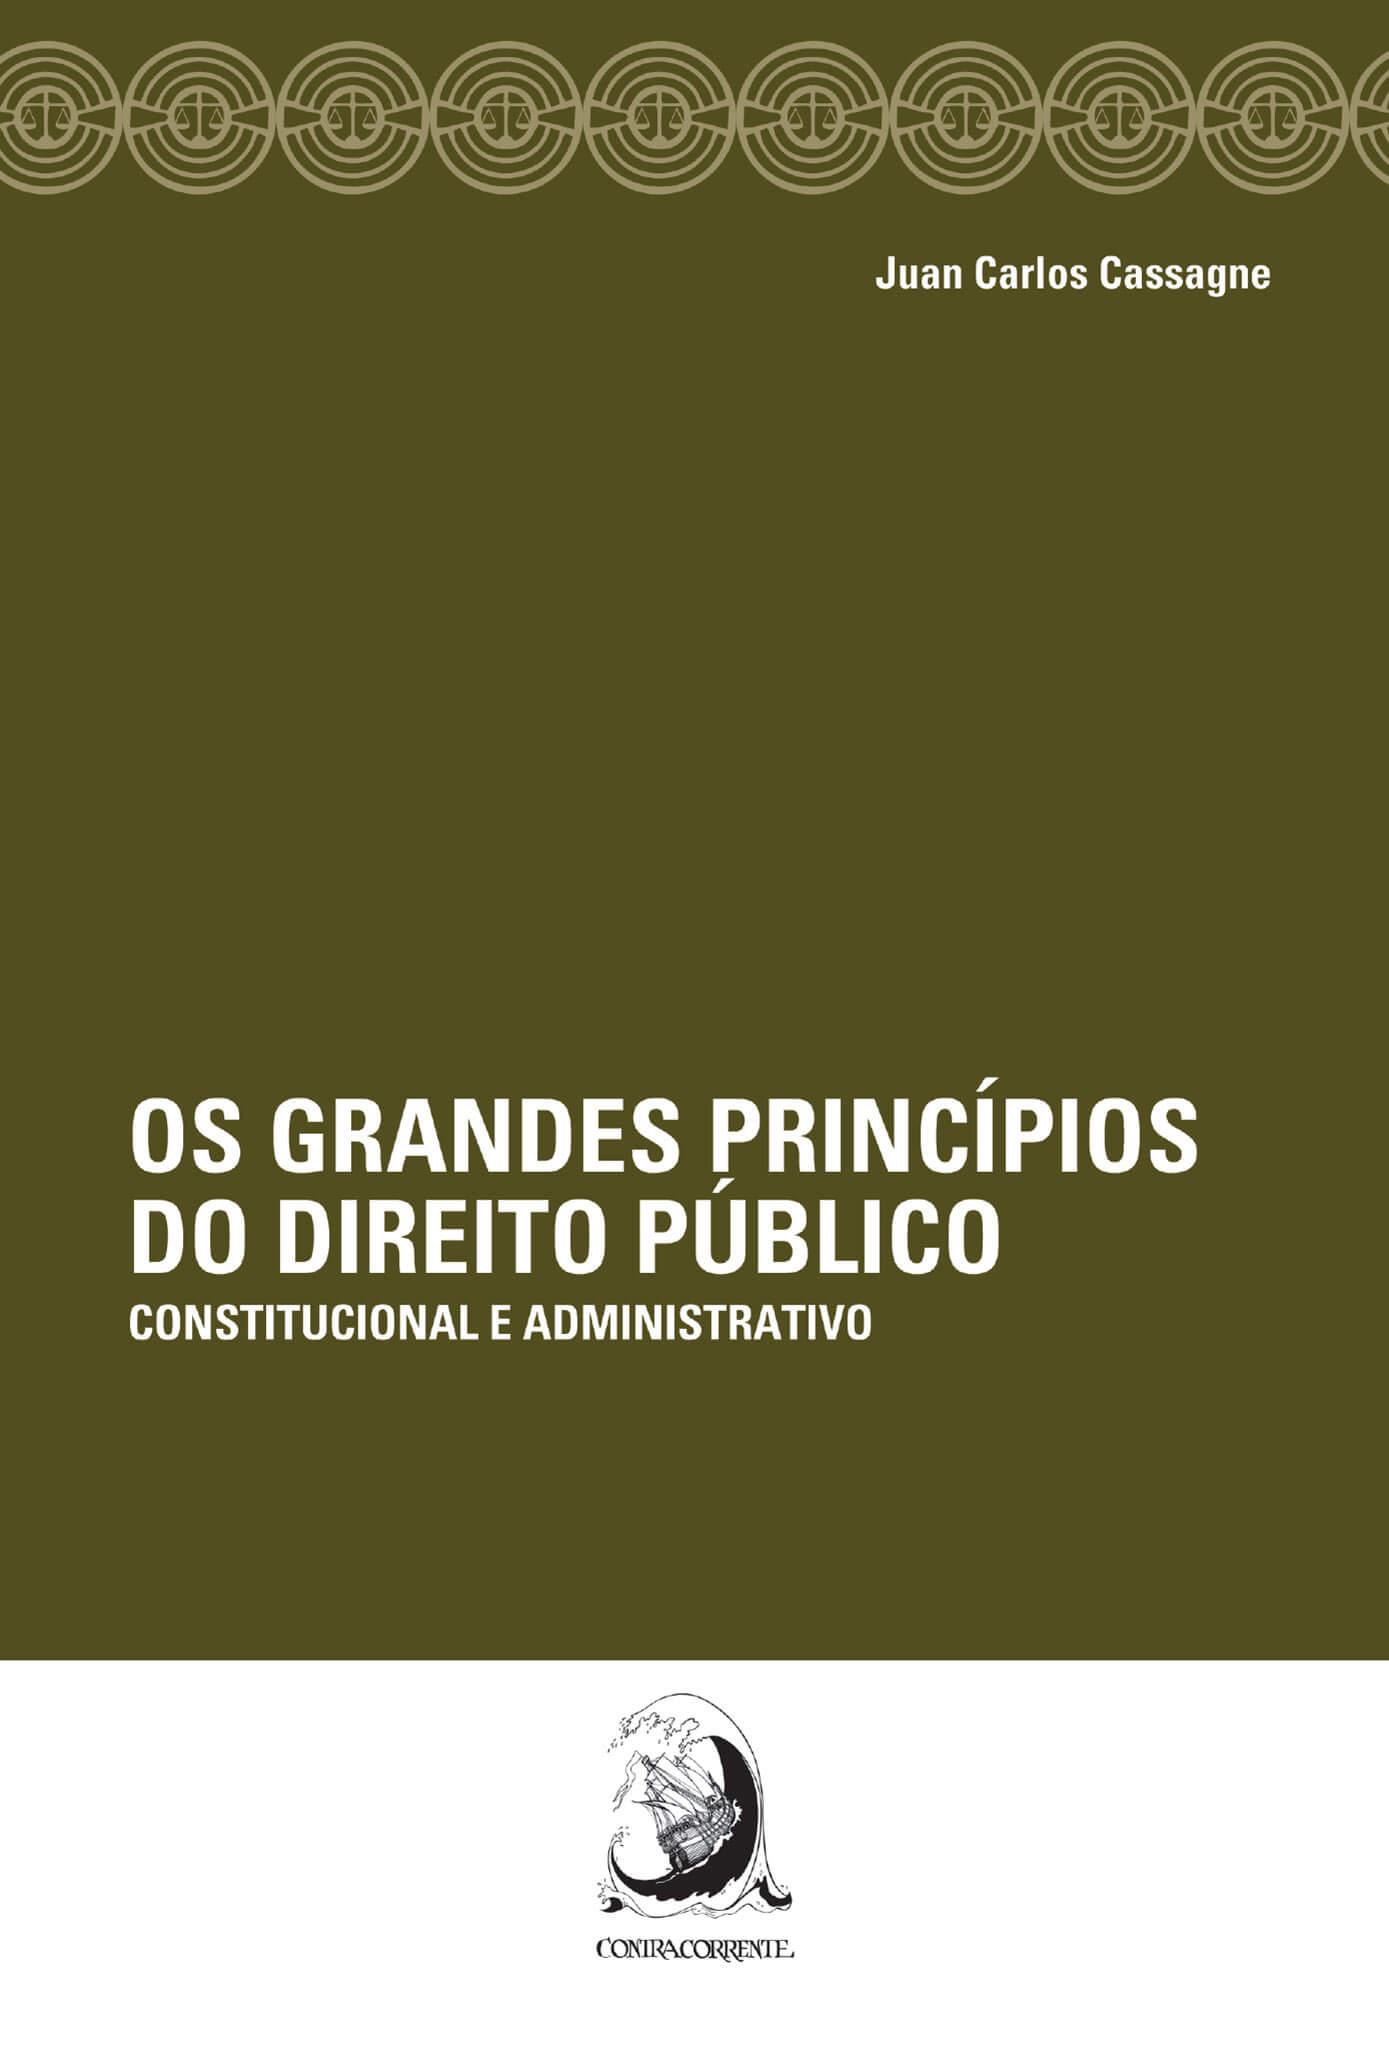 Os grandes princípios do direito público - Constitucional e administrativo, livro de Juan Carlos Cassagne